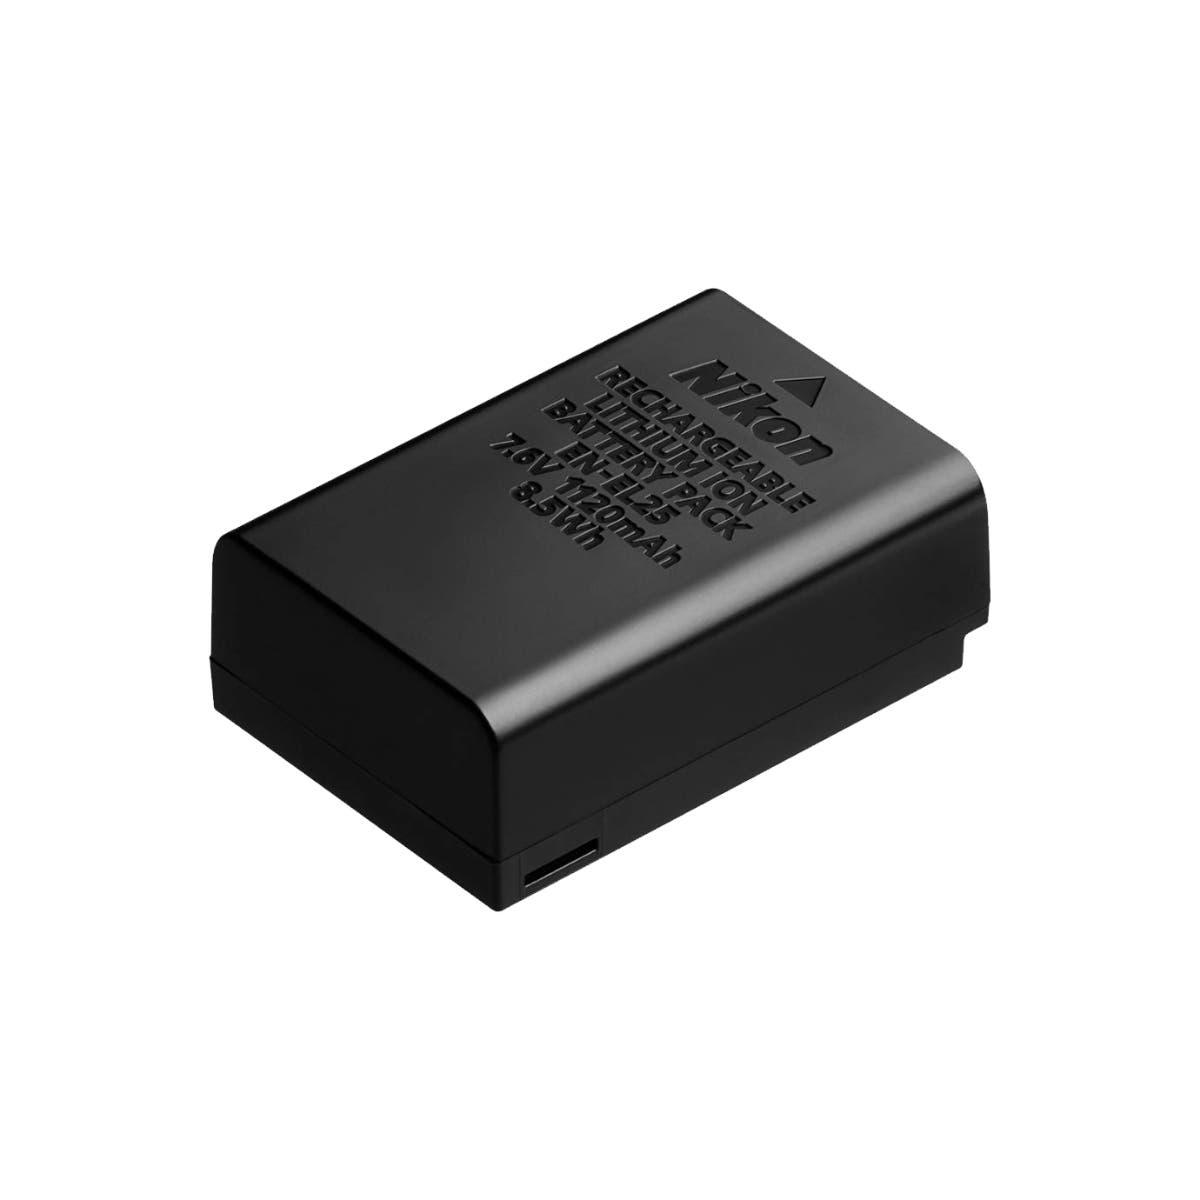 EN-EL25 Rechargeable Li-ion Battery